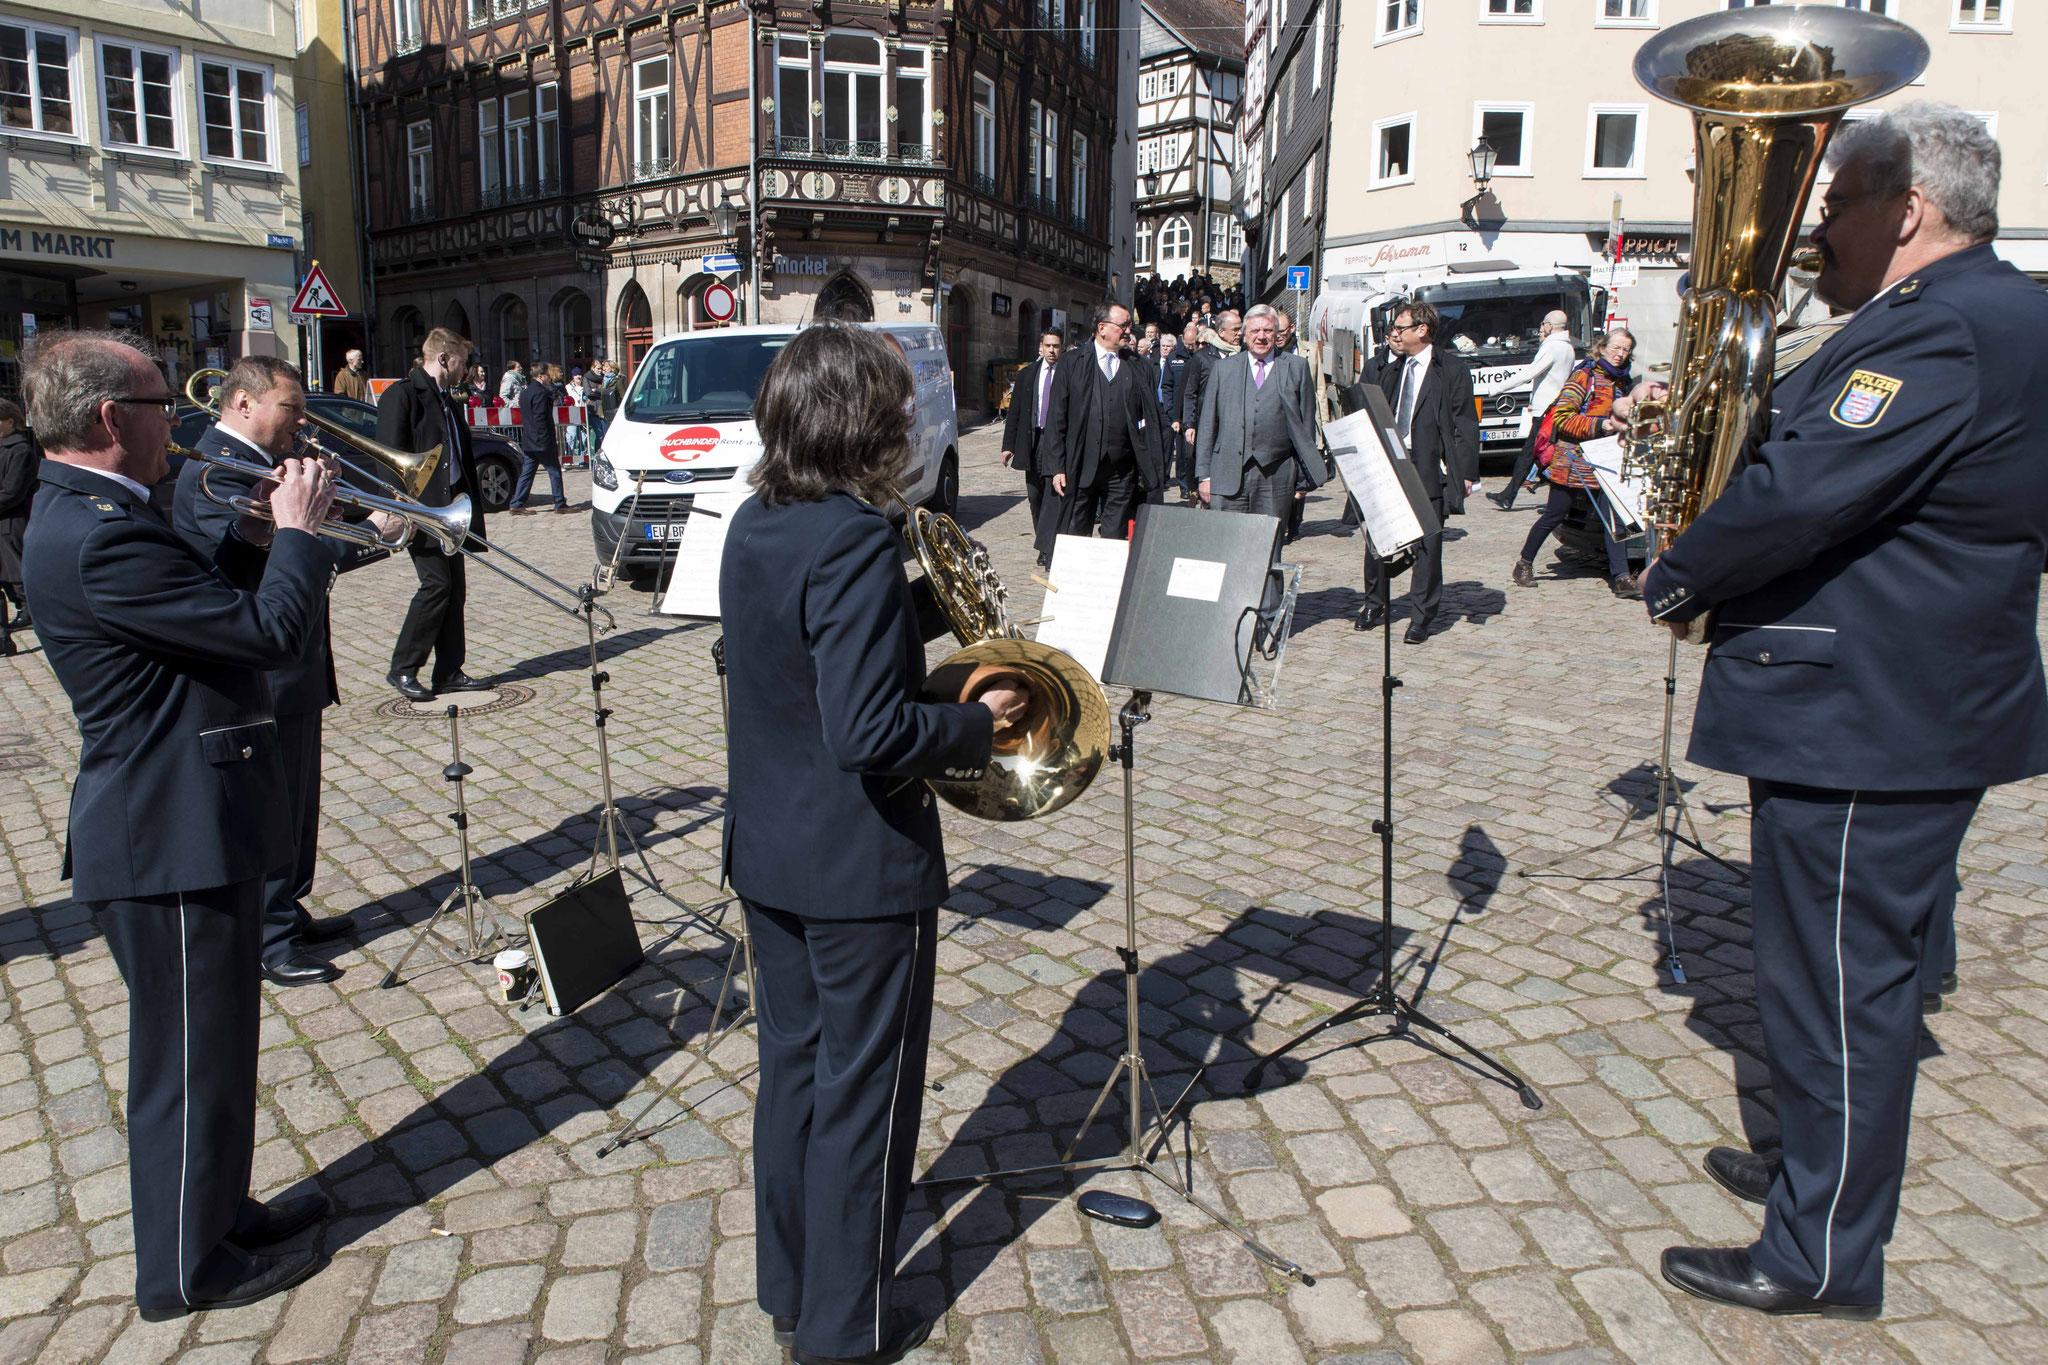 Empfang auf dem Rathausplatz durch das Bläseremsemble des Hessischen Polizeiorchesters